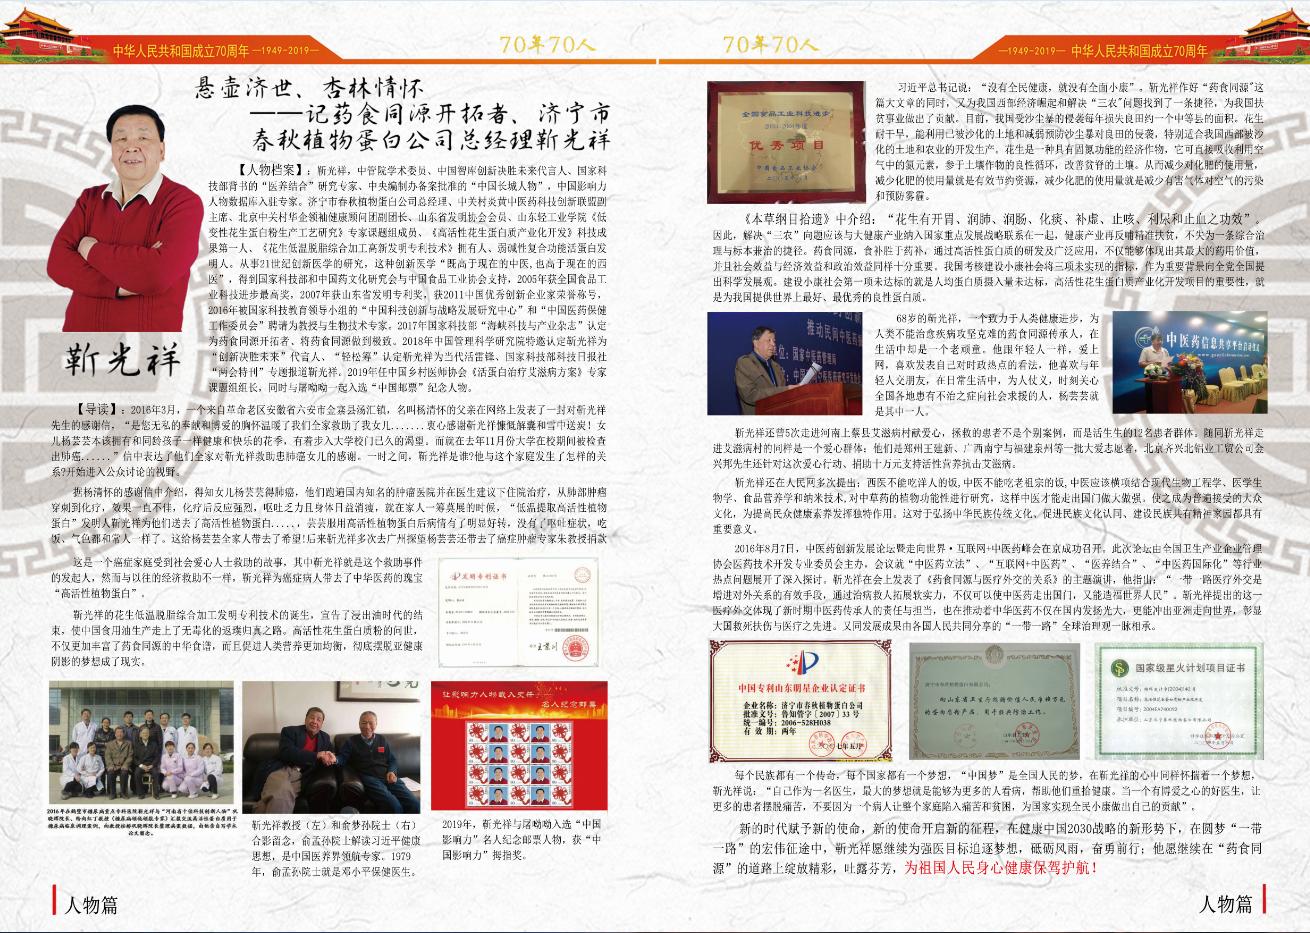 新华社年鉴:建国七十周年报道七十位时代楷模_图1-1